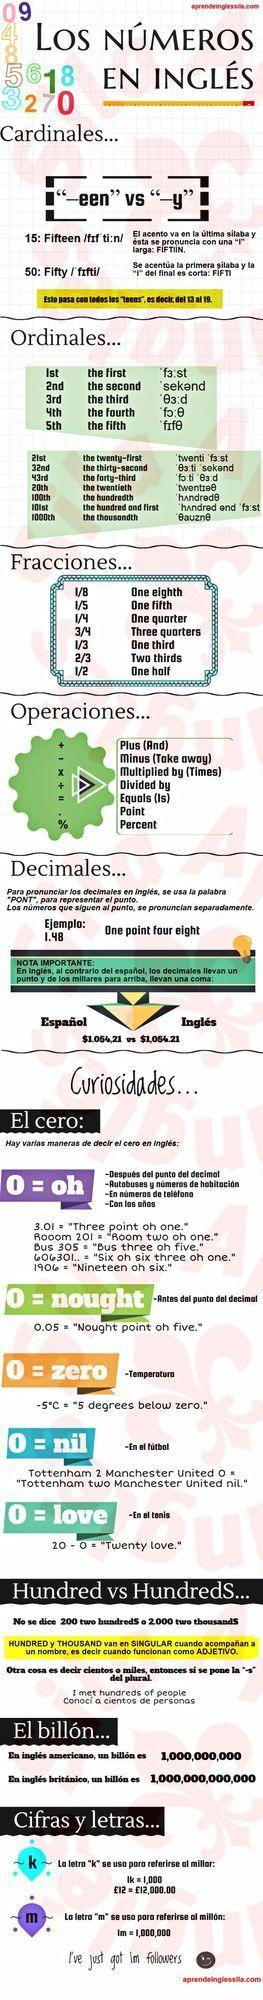 Infografía genial sobre los números en inglés (+ curiosidades)